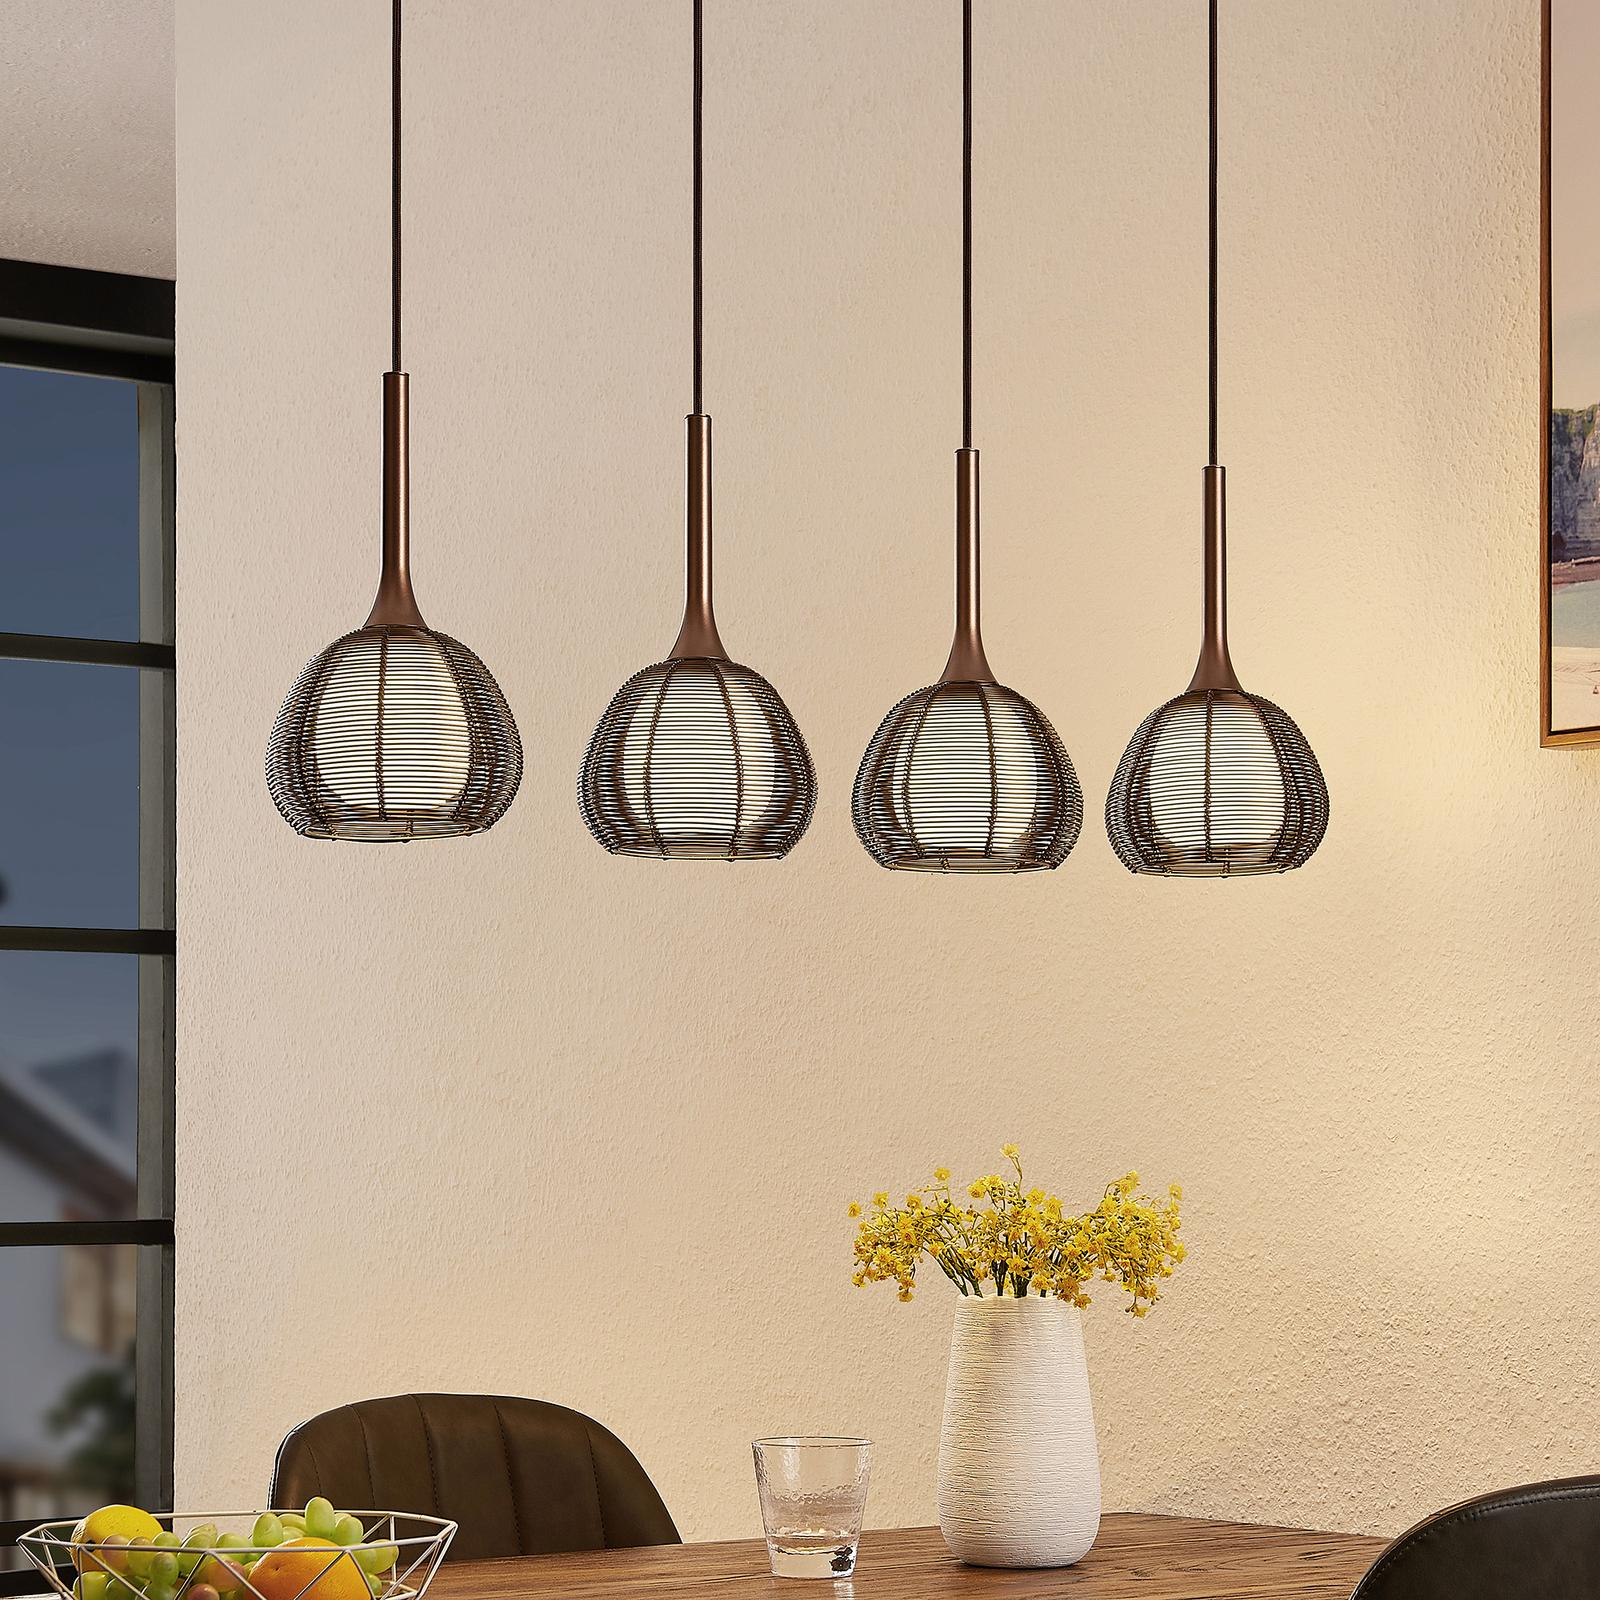 Lucande Tetira hængelampe, 4 lyskilder, lang, brun